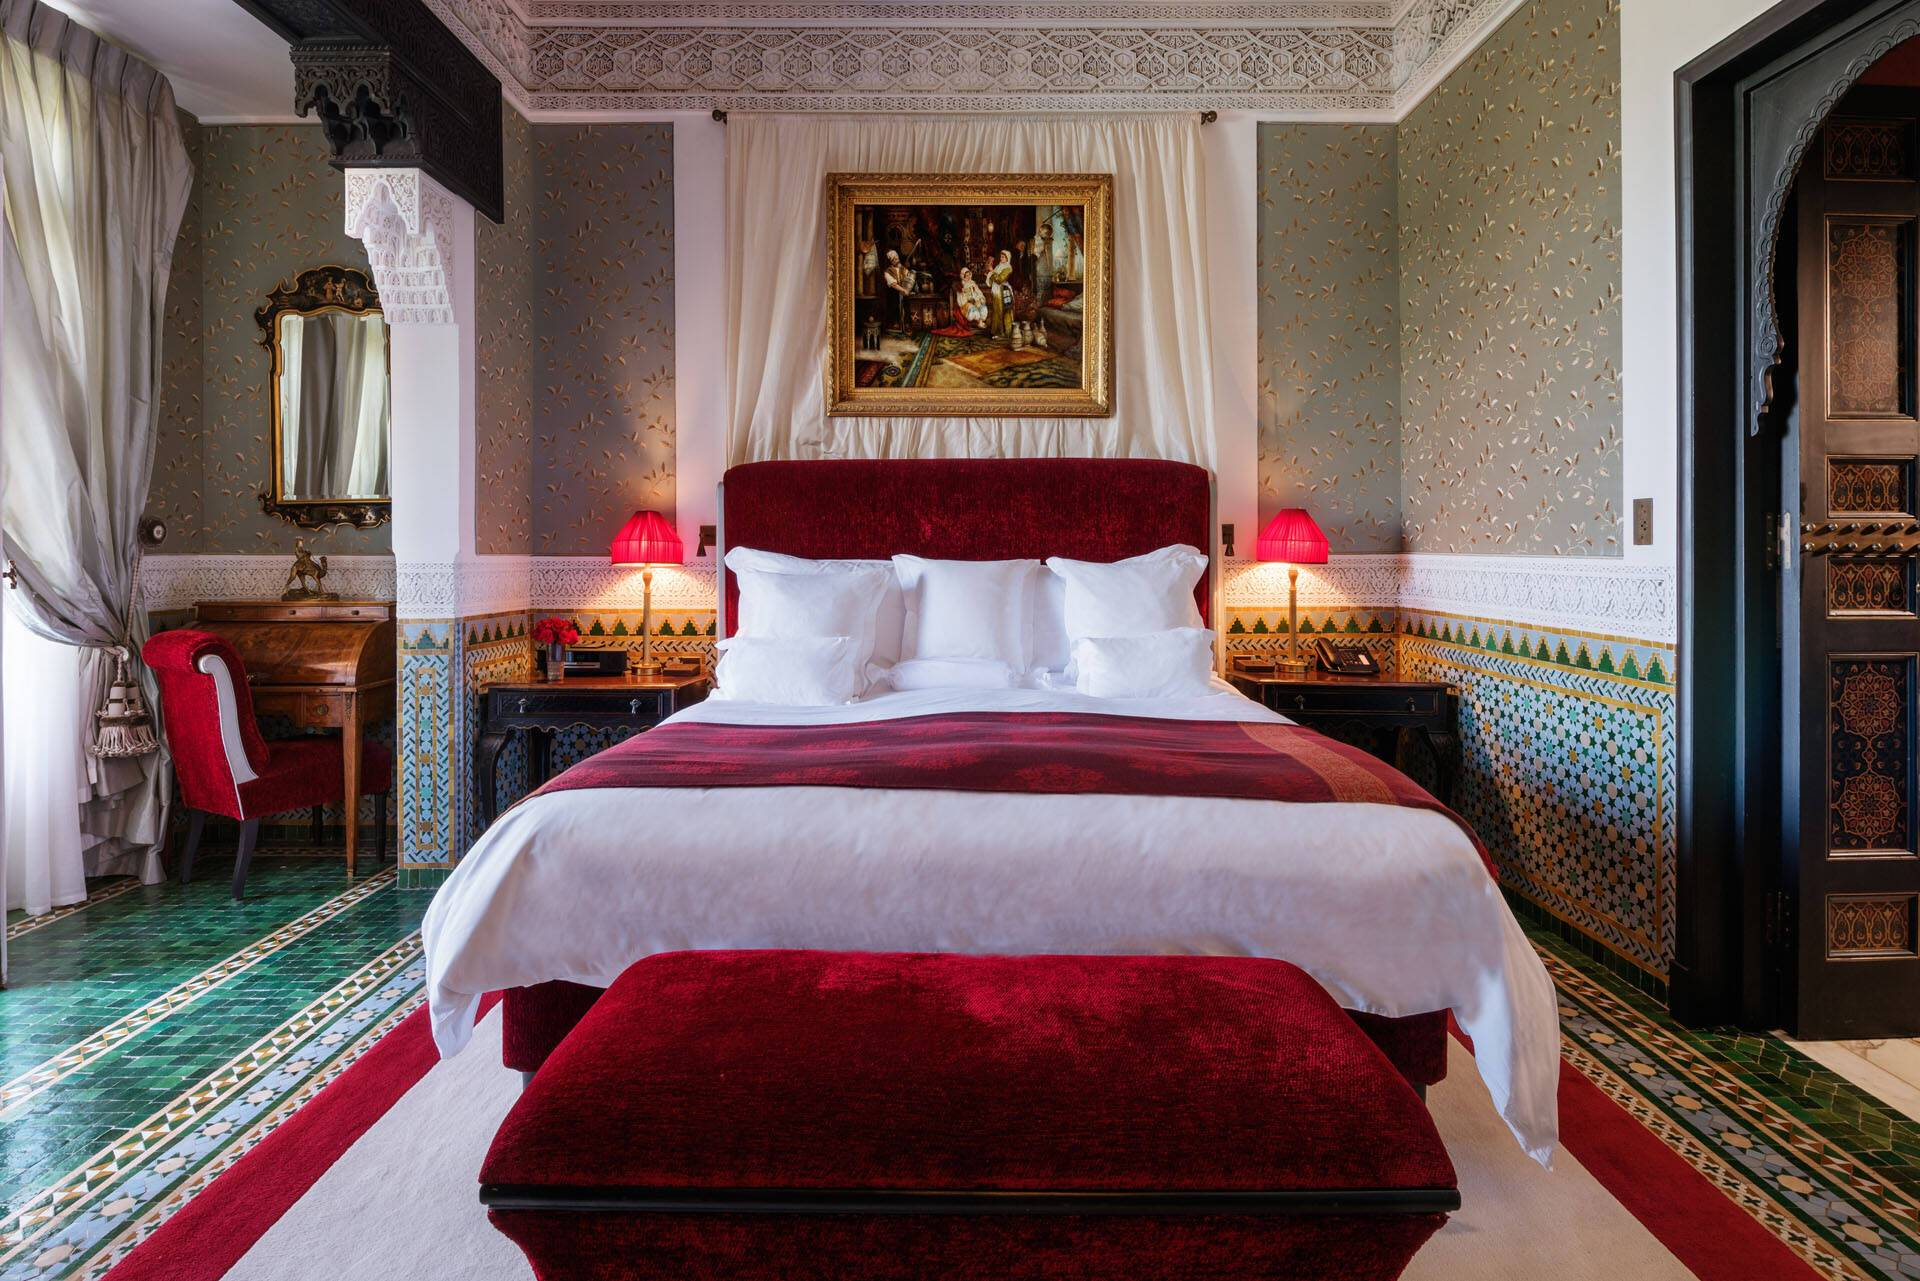 Mamounia Marrakech Suite Al Mamoun